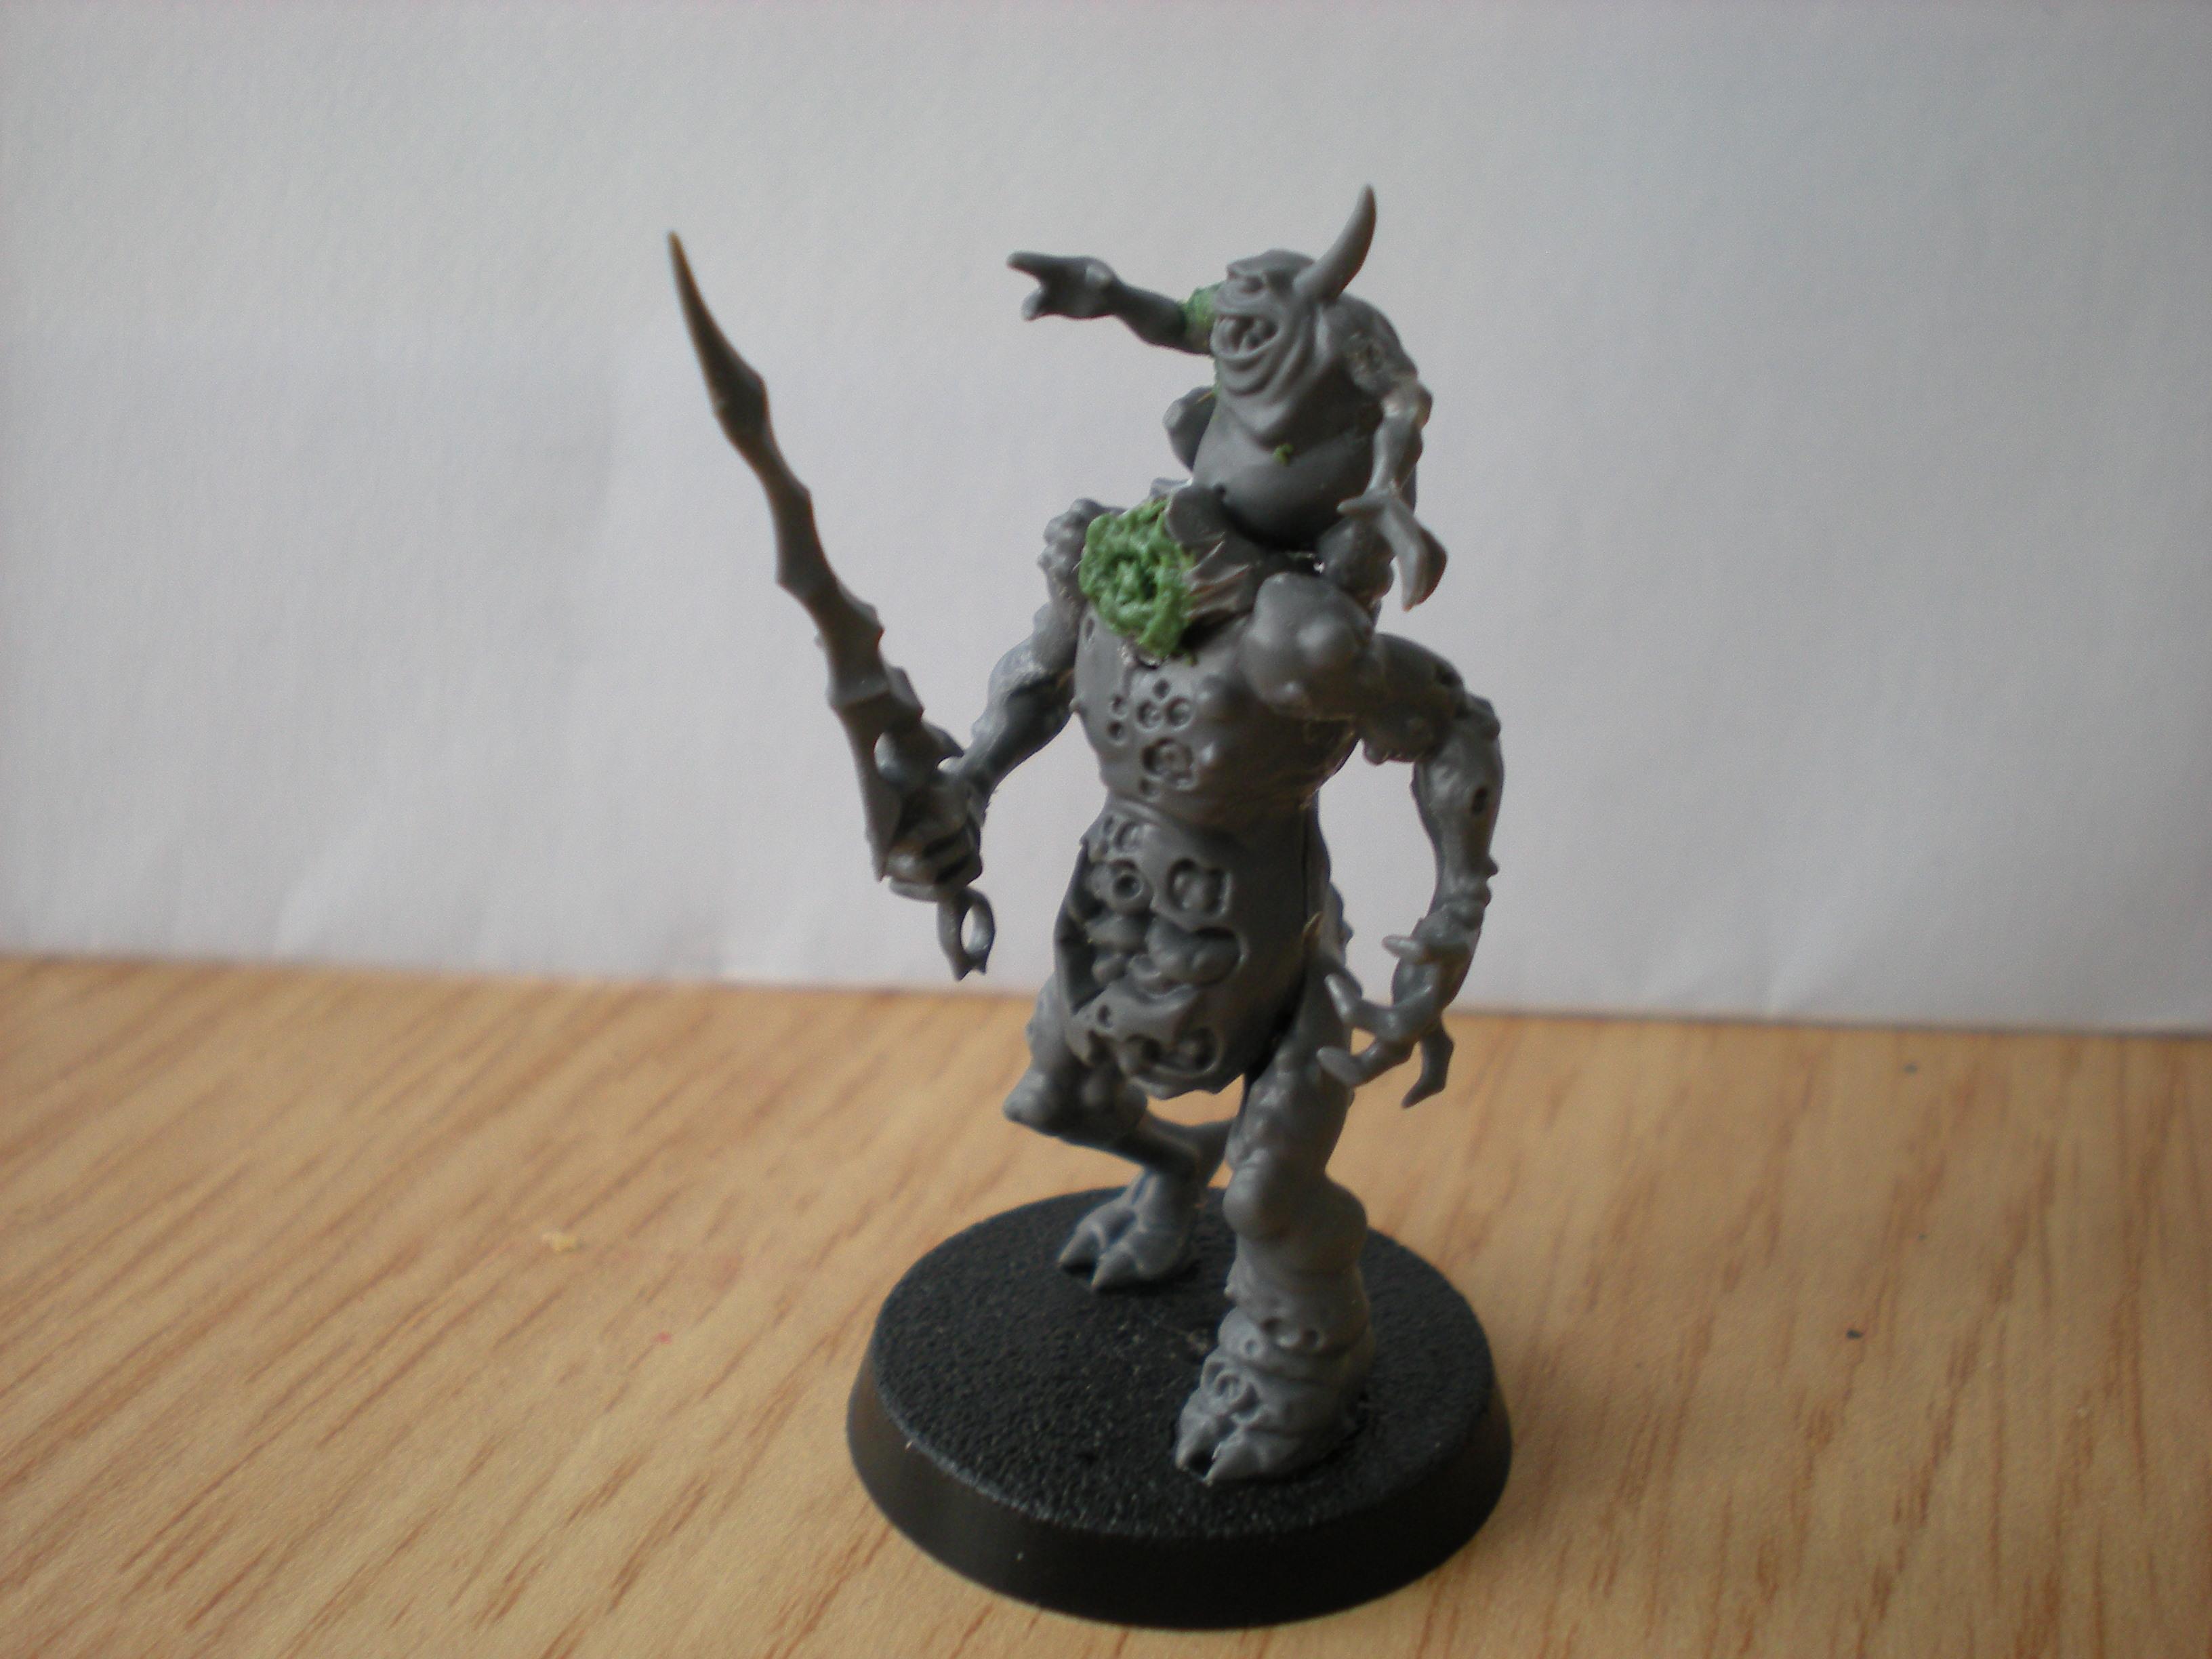 Headless plaguebearer